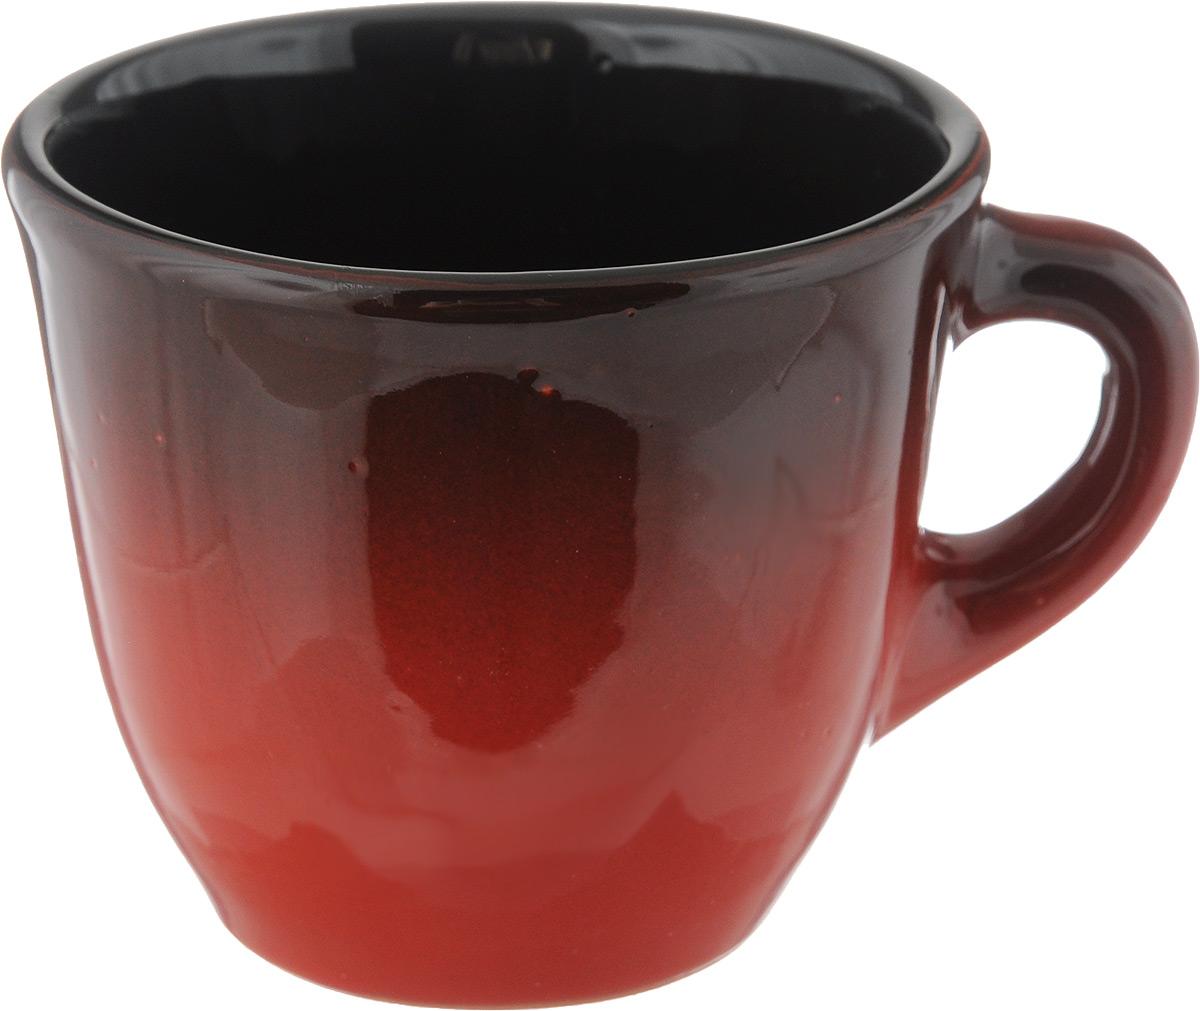 Чашка Борисовская керамика Красный, цвет: черный, красный, 300 млКРС00000633_черный, красныйУдобная чашка Борисовская керамика Красный предназначена для повседневного использования. Она выполнена из высококачественной керамики. Природные свойства этого материала позволяют долго сохранять температуру напитка, даже если вы пьете что-то холодное. Внешние и внутренние стенки покрыты цветной глазурью. Диаметр чашки (по верхнему краю): 10 см. Высота стенки: 8 см.